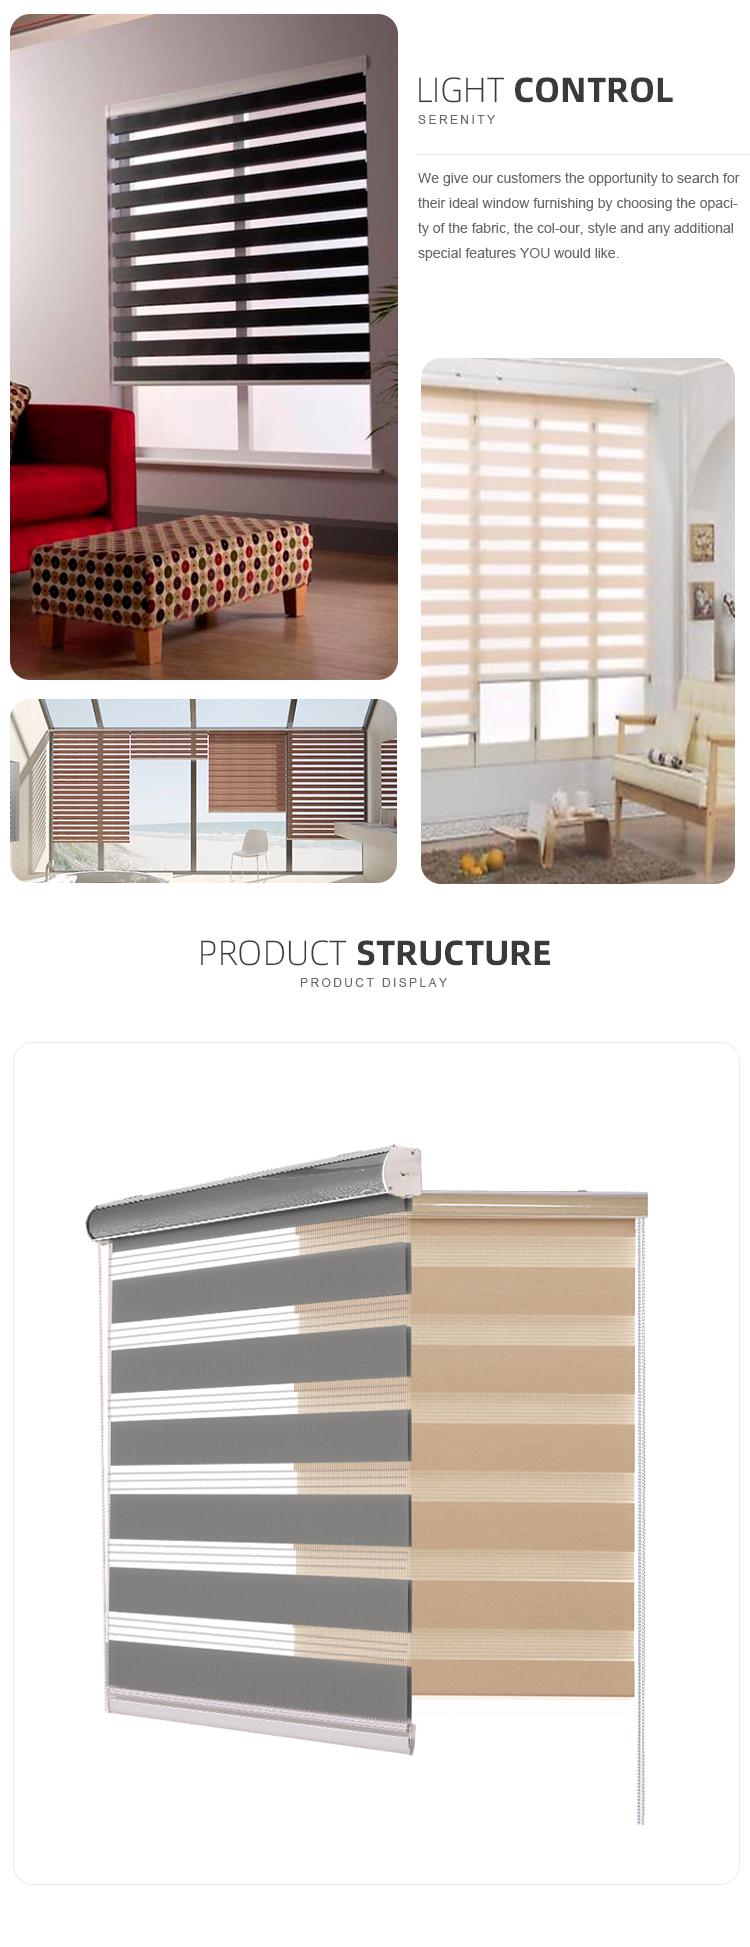 การกรองแสงม่านหน้าต่าง Shade คู่มือ Double Layer Roller